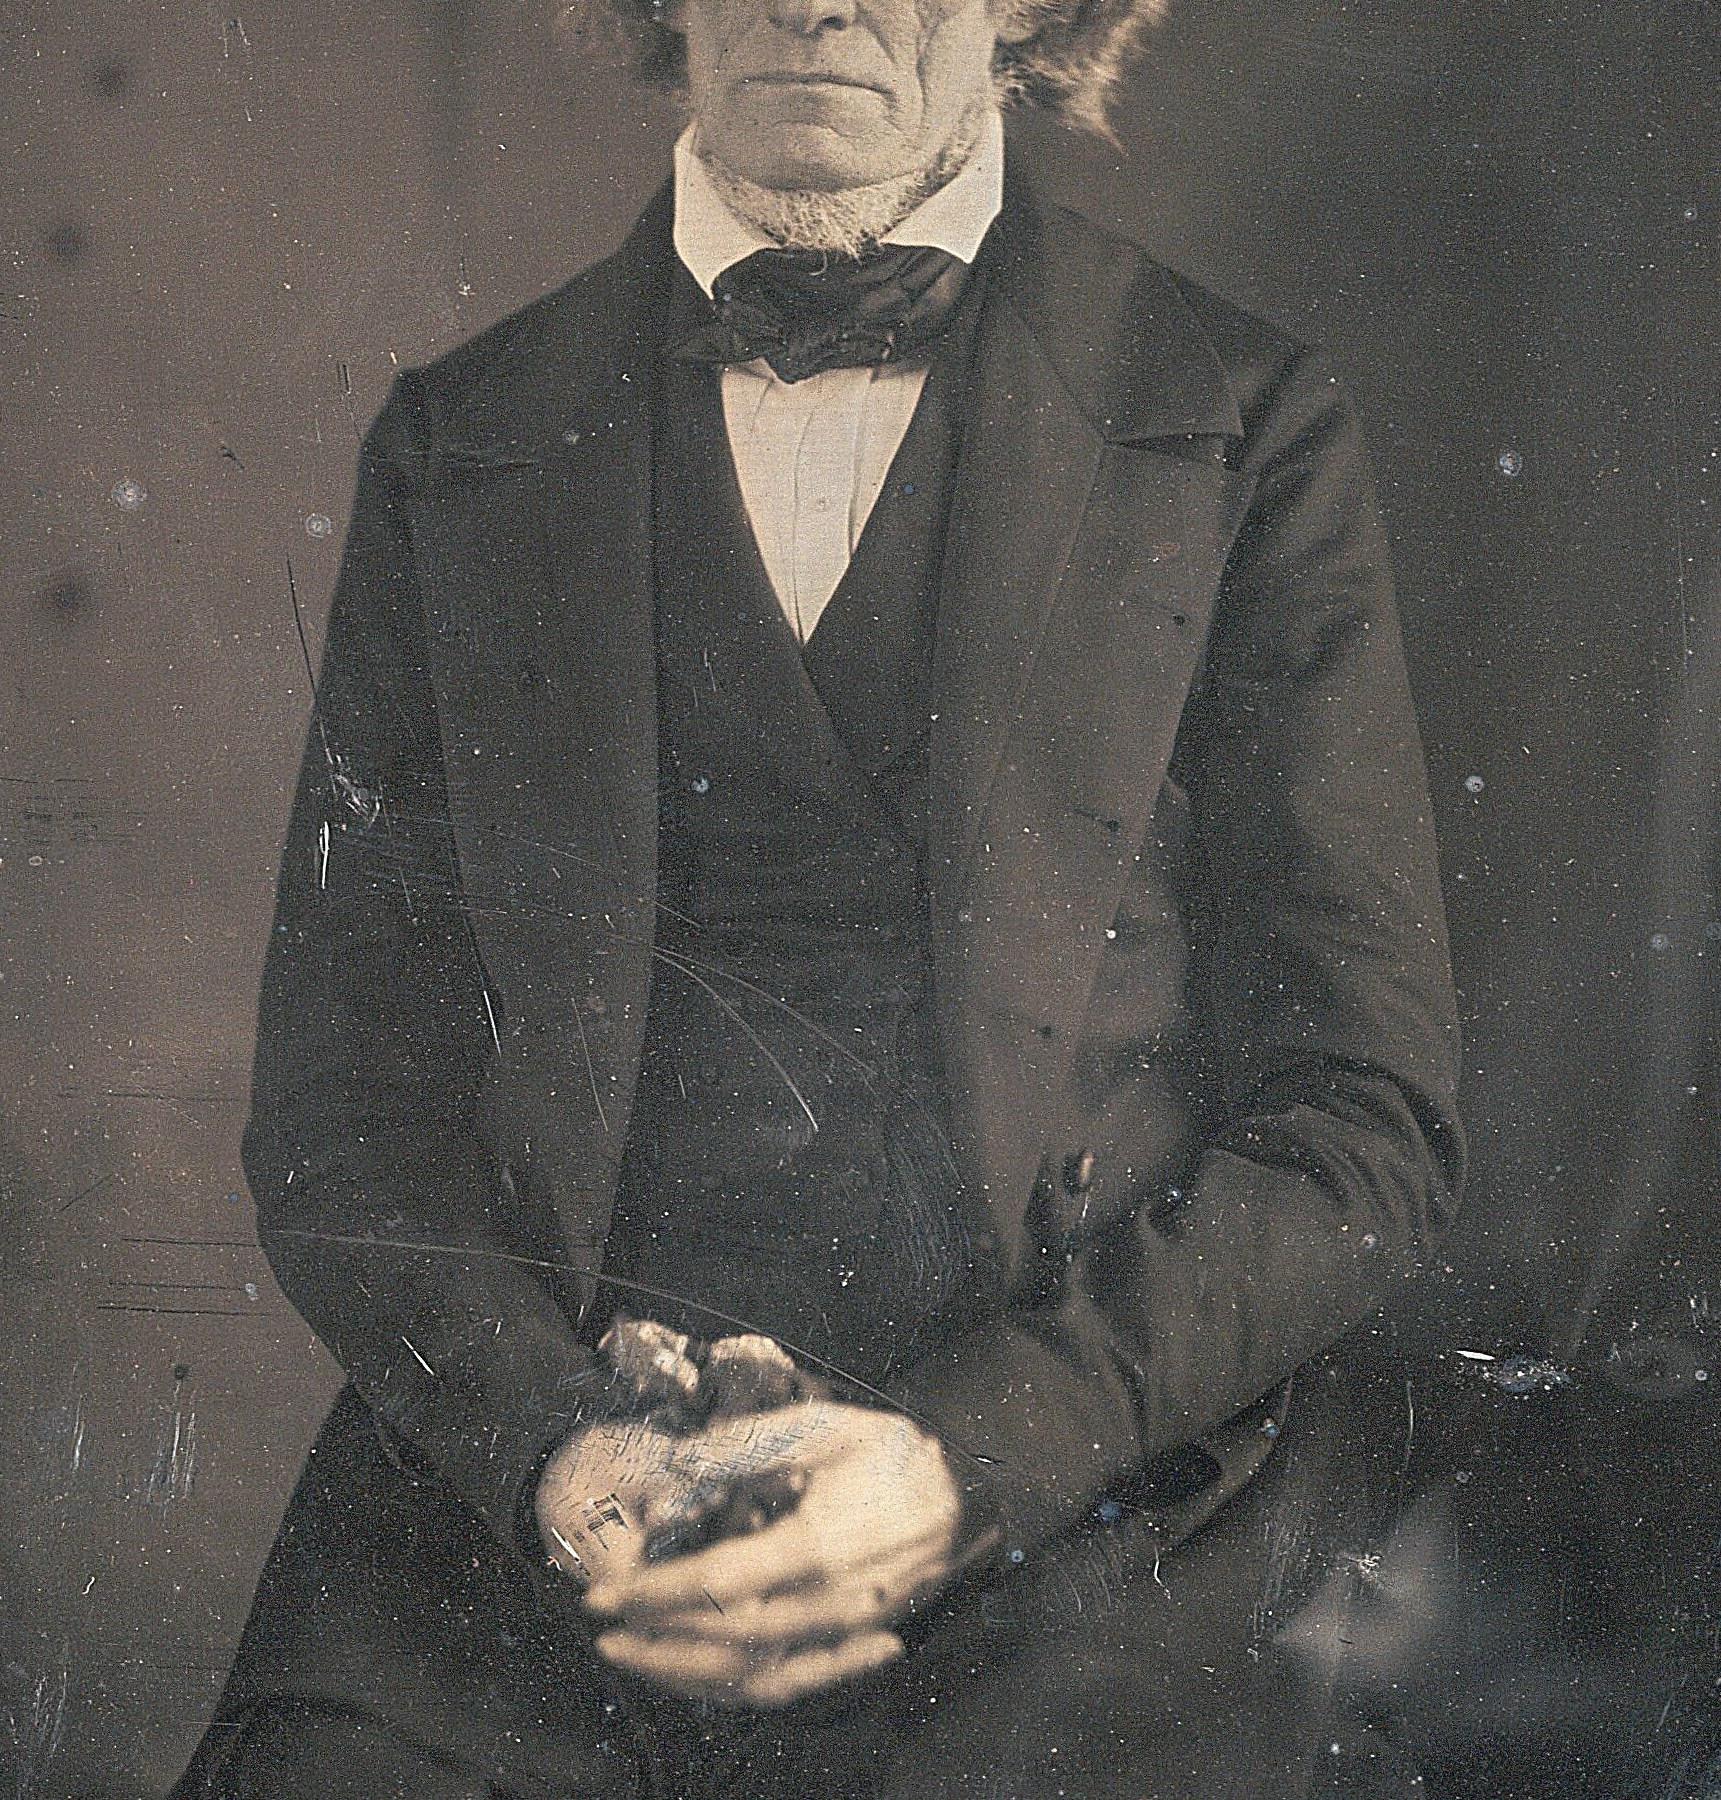 John Calhoun by Brady